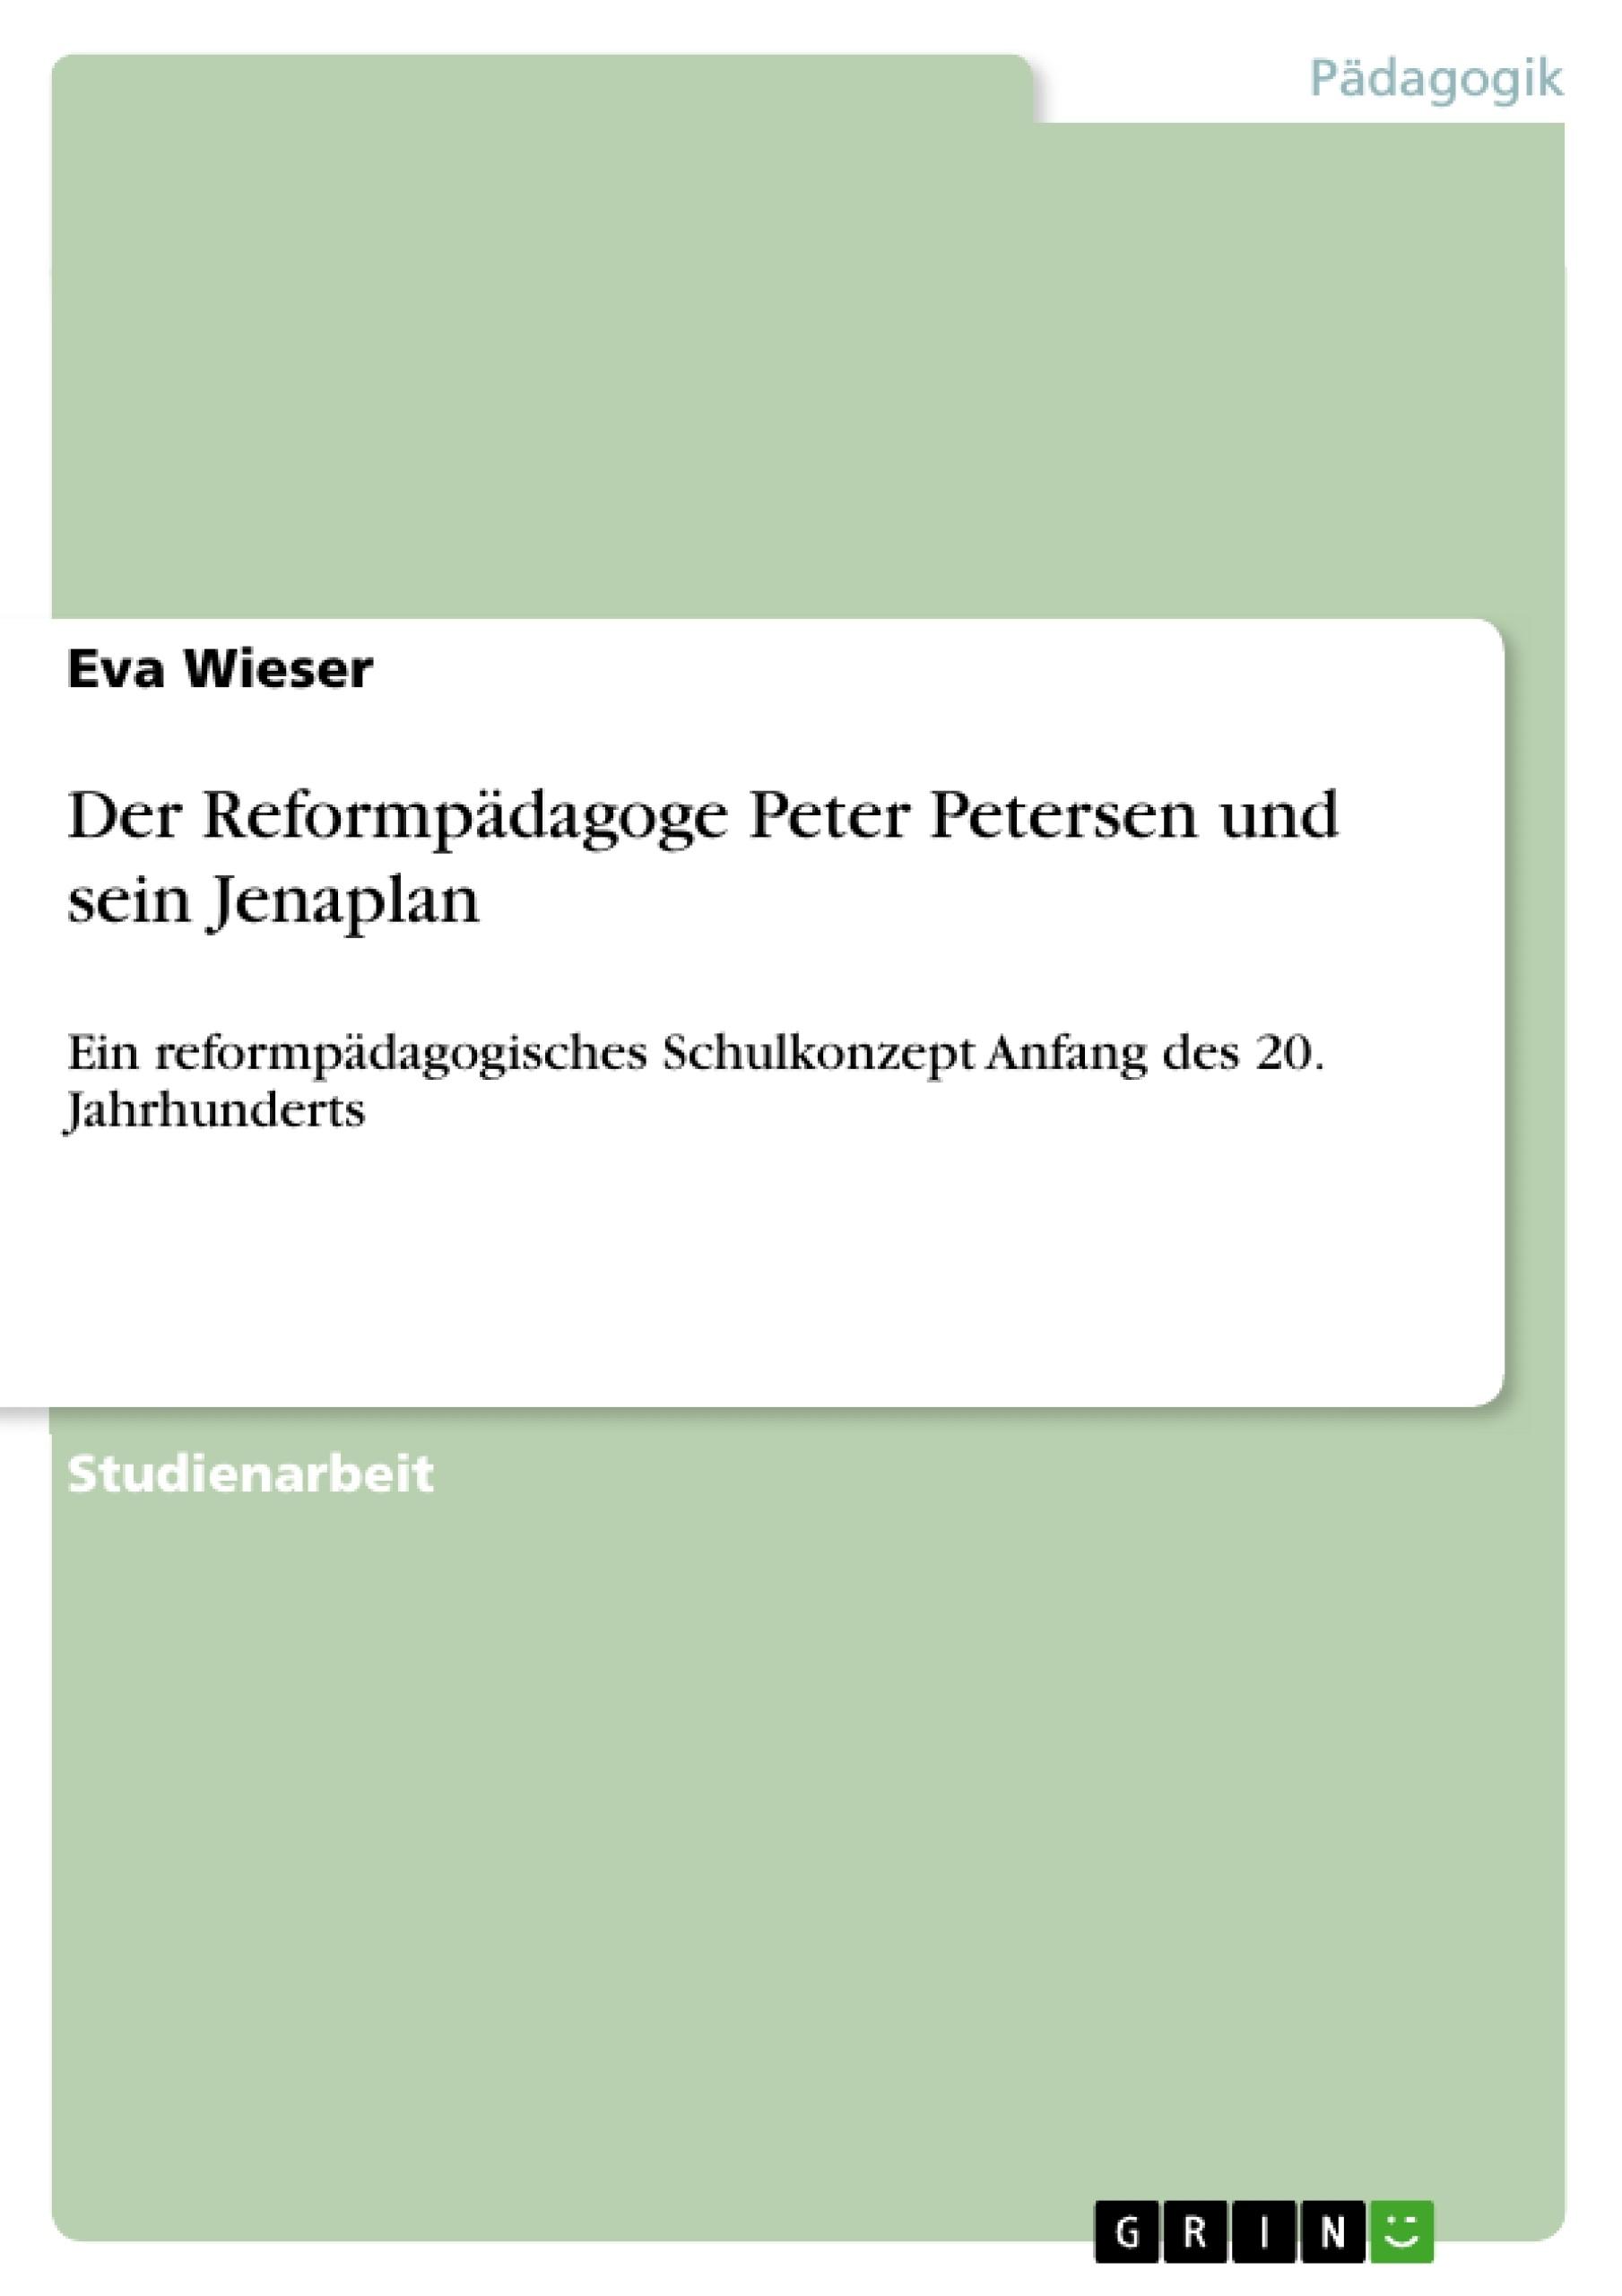 Titel: Der Reformpädagoge Peter Petersen und sein Jenaplan